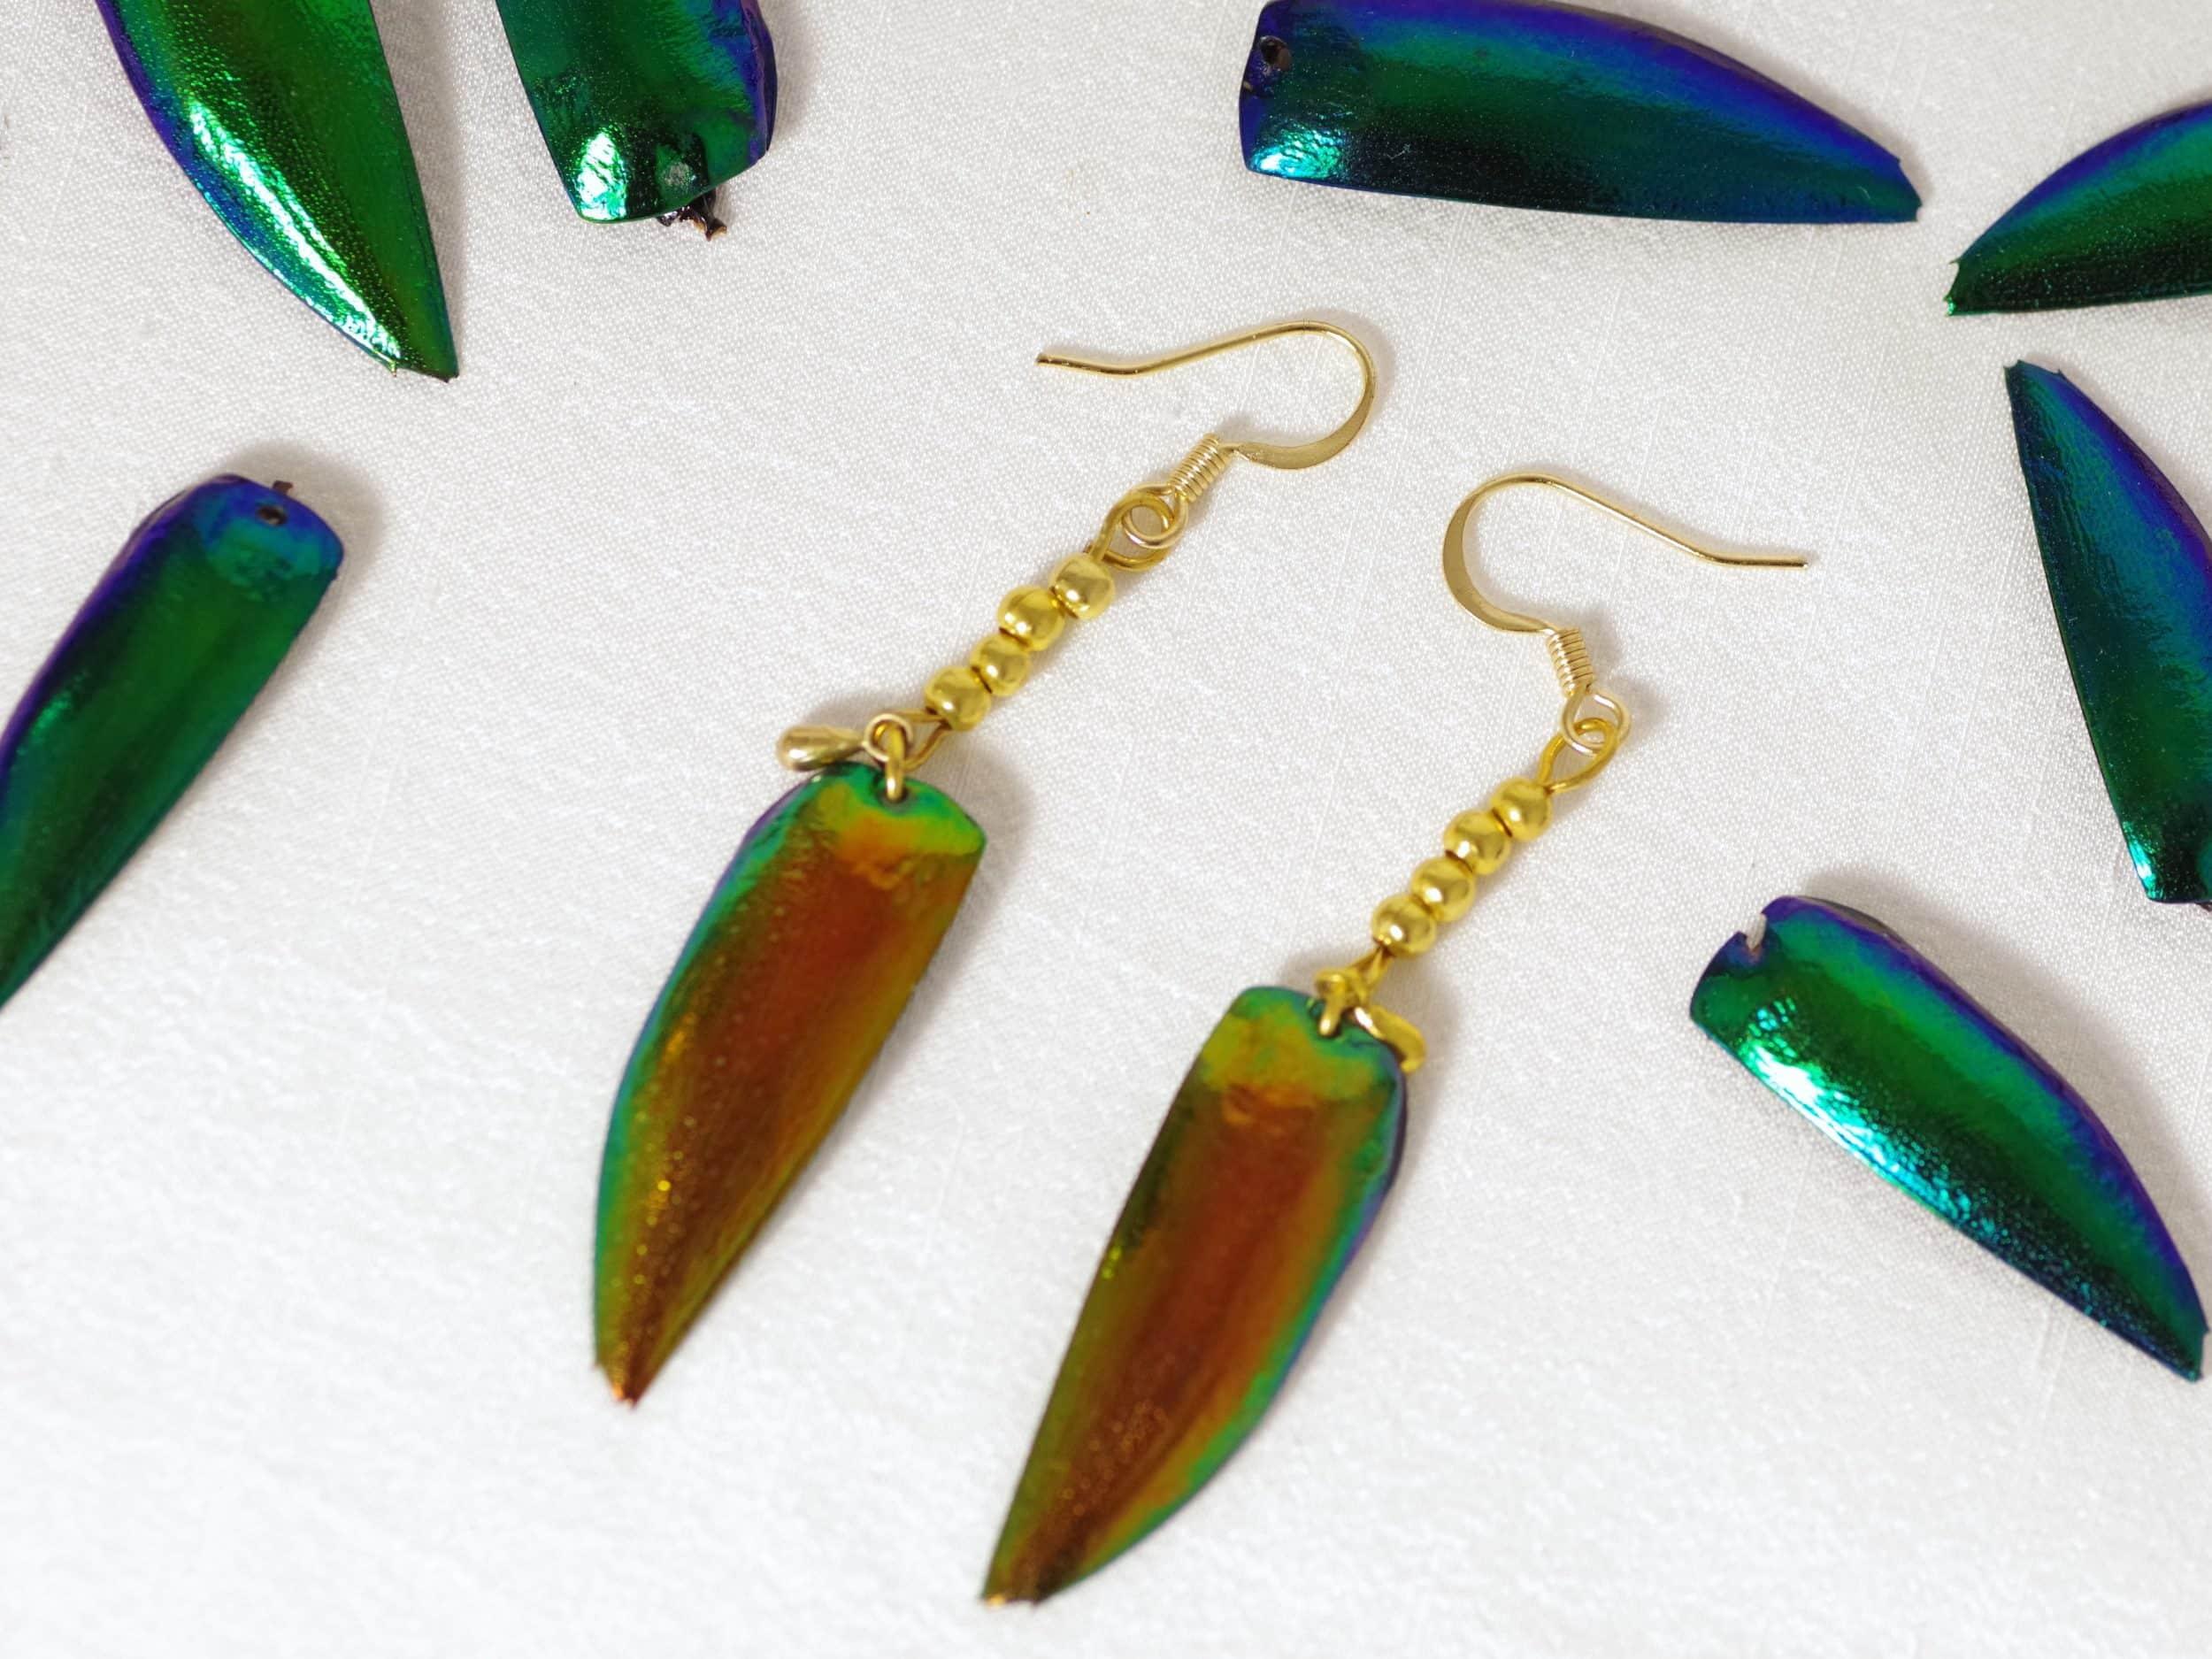 boucles d'oreilles avec des elytres s=de scarabées cuivrés et trois petites perles plaquées or